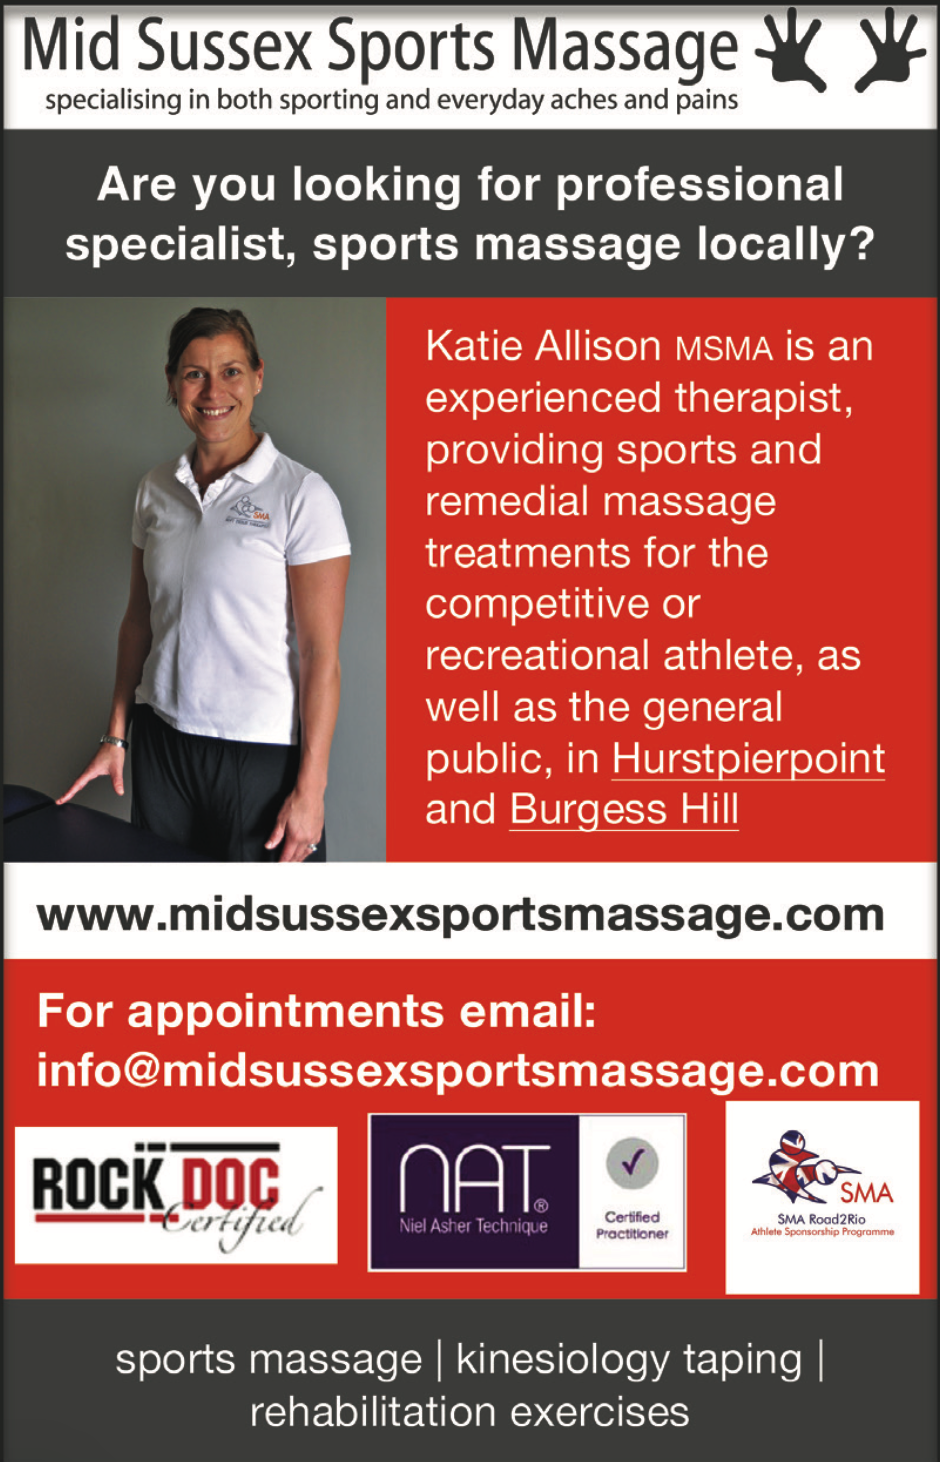 Mid_Sussex_Sports_Massage_Hurstpierpoint